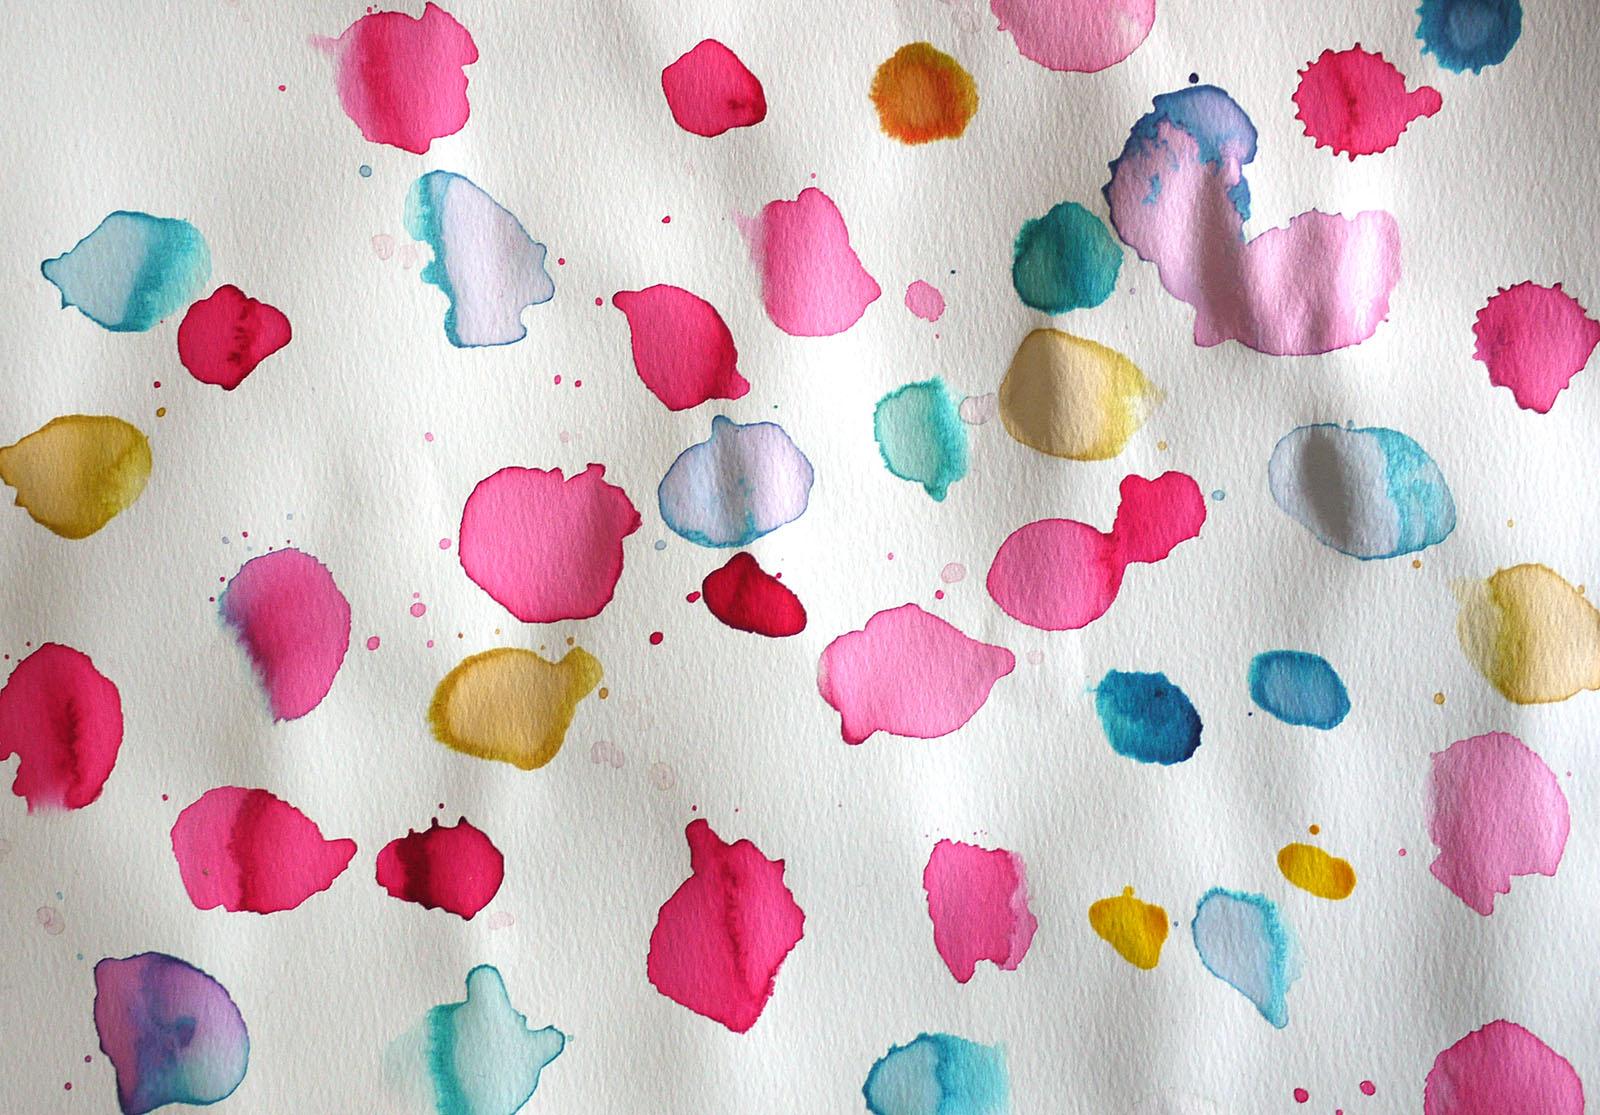 Activité Manuelle : Les Fleurs À La Peinture - Family Sphere destiné Activité Manuelle En Papier